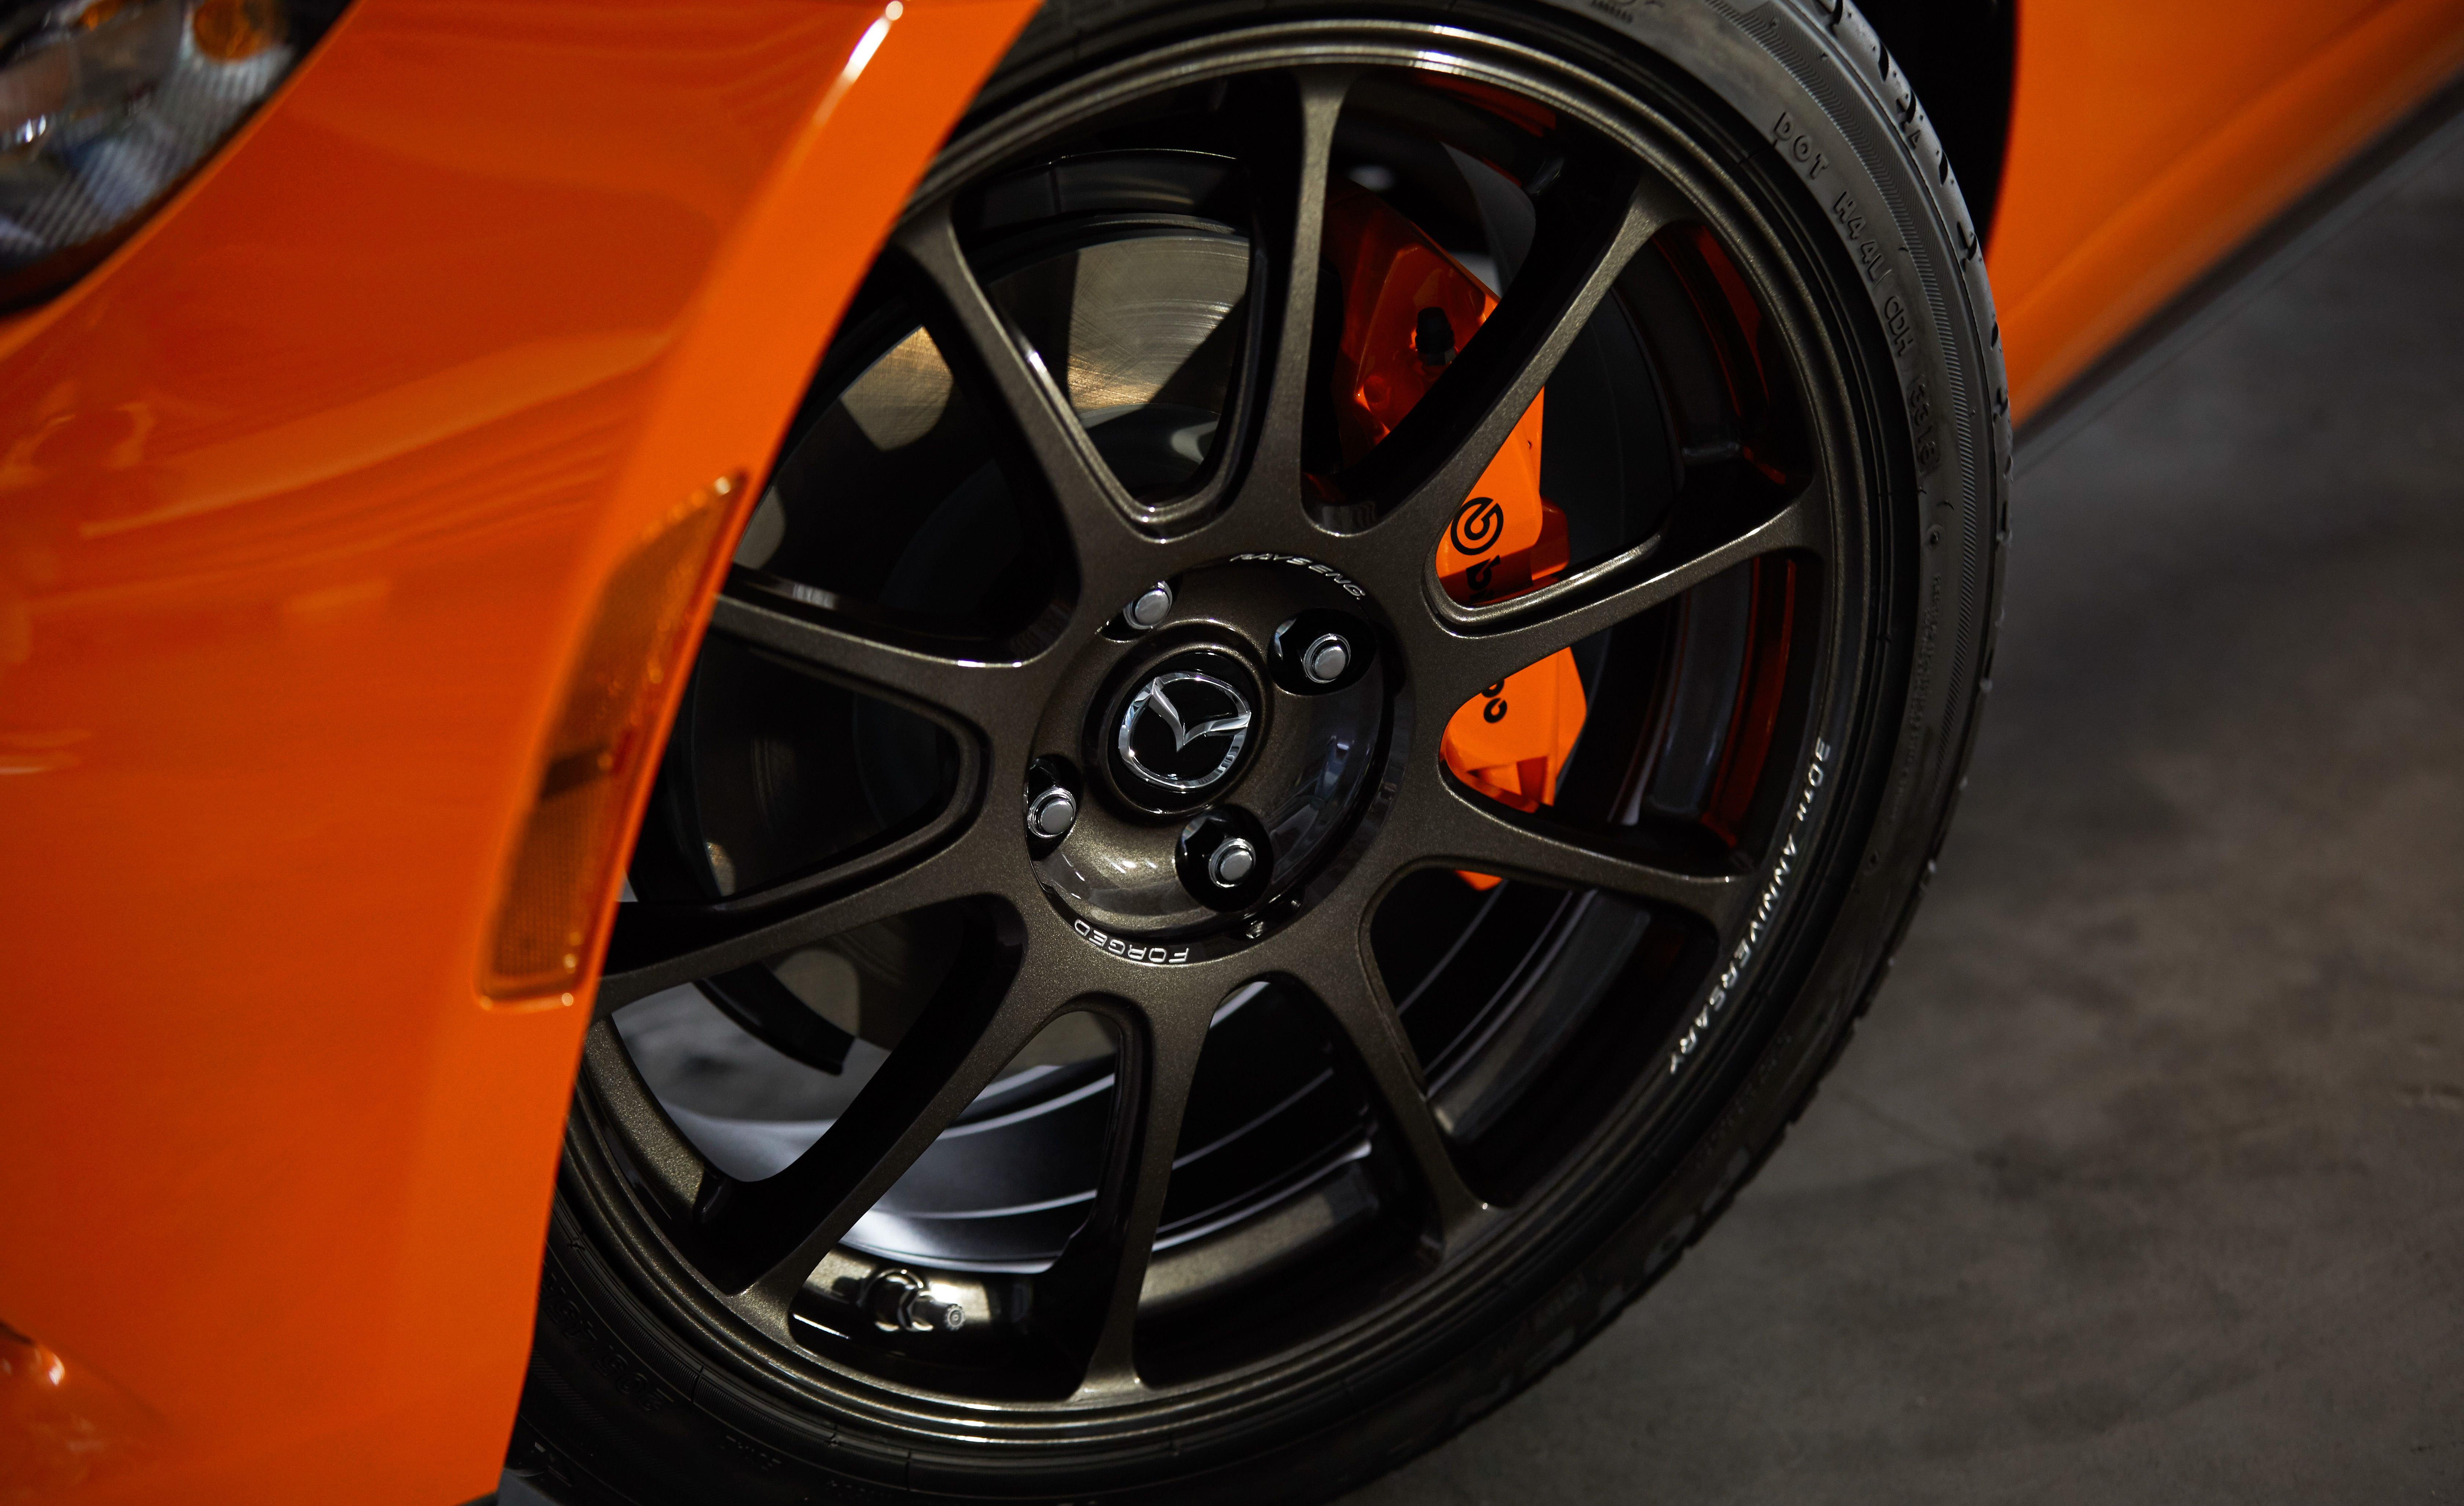 2019 Mazda MX-5 Miata 30th Anniversary Edition Wheel Wallpaper (9)